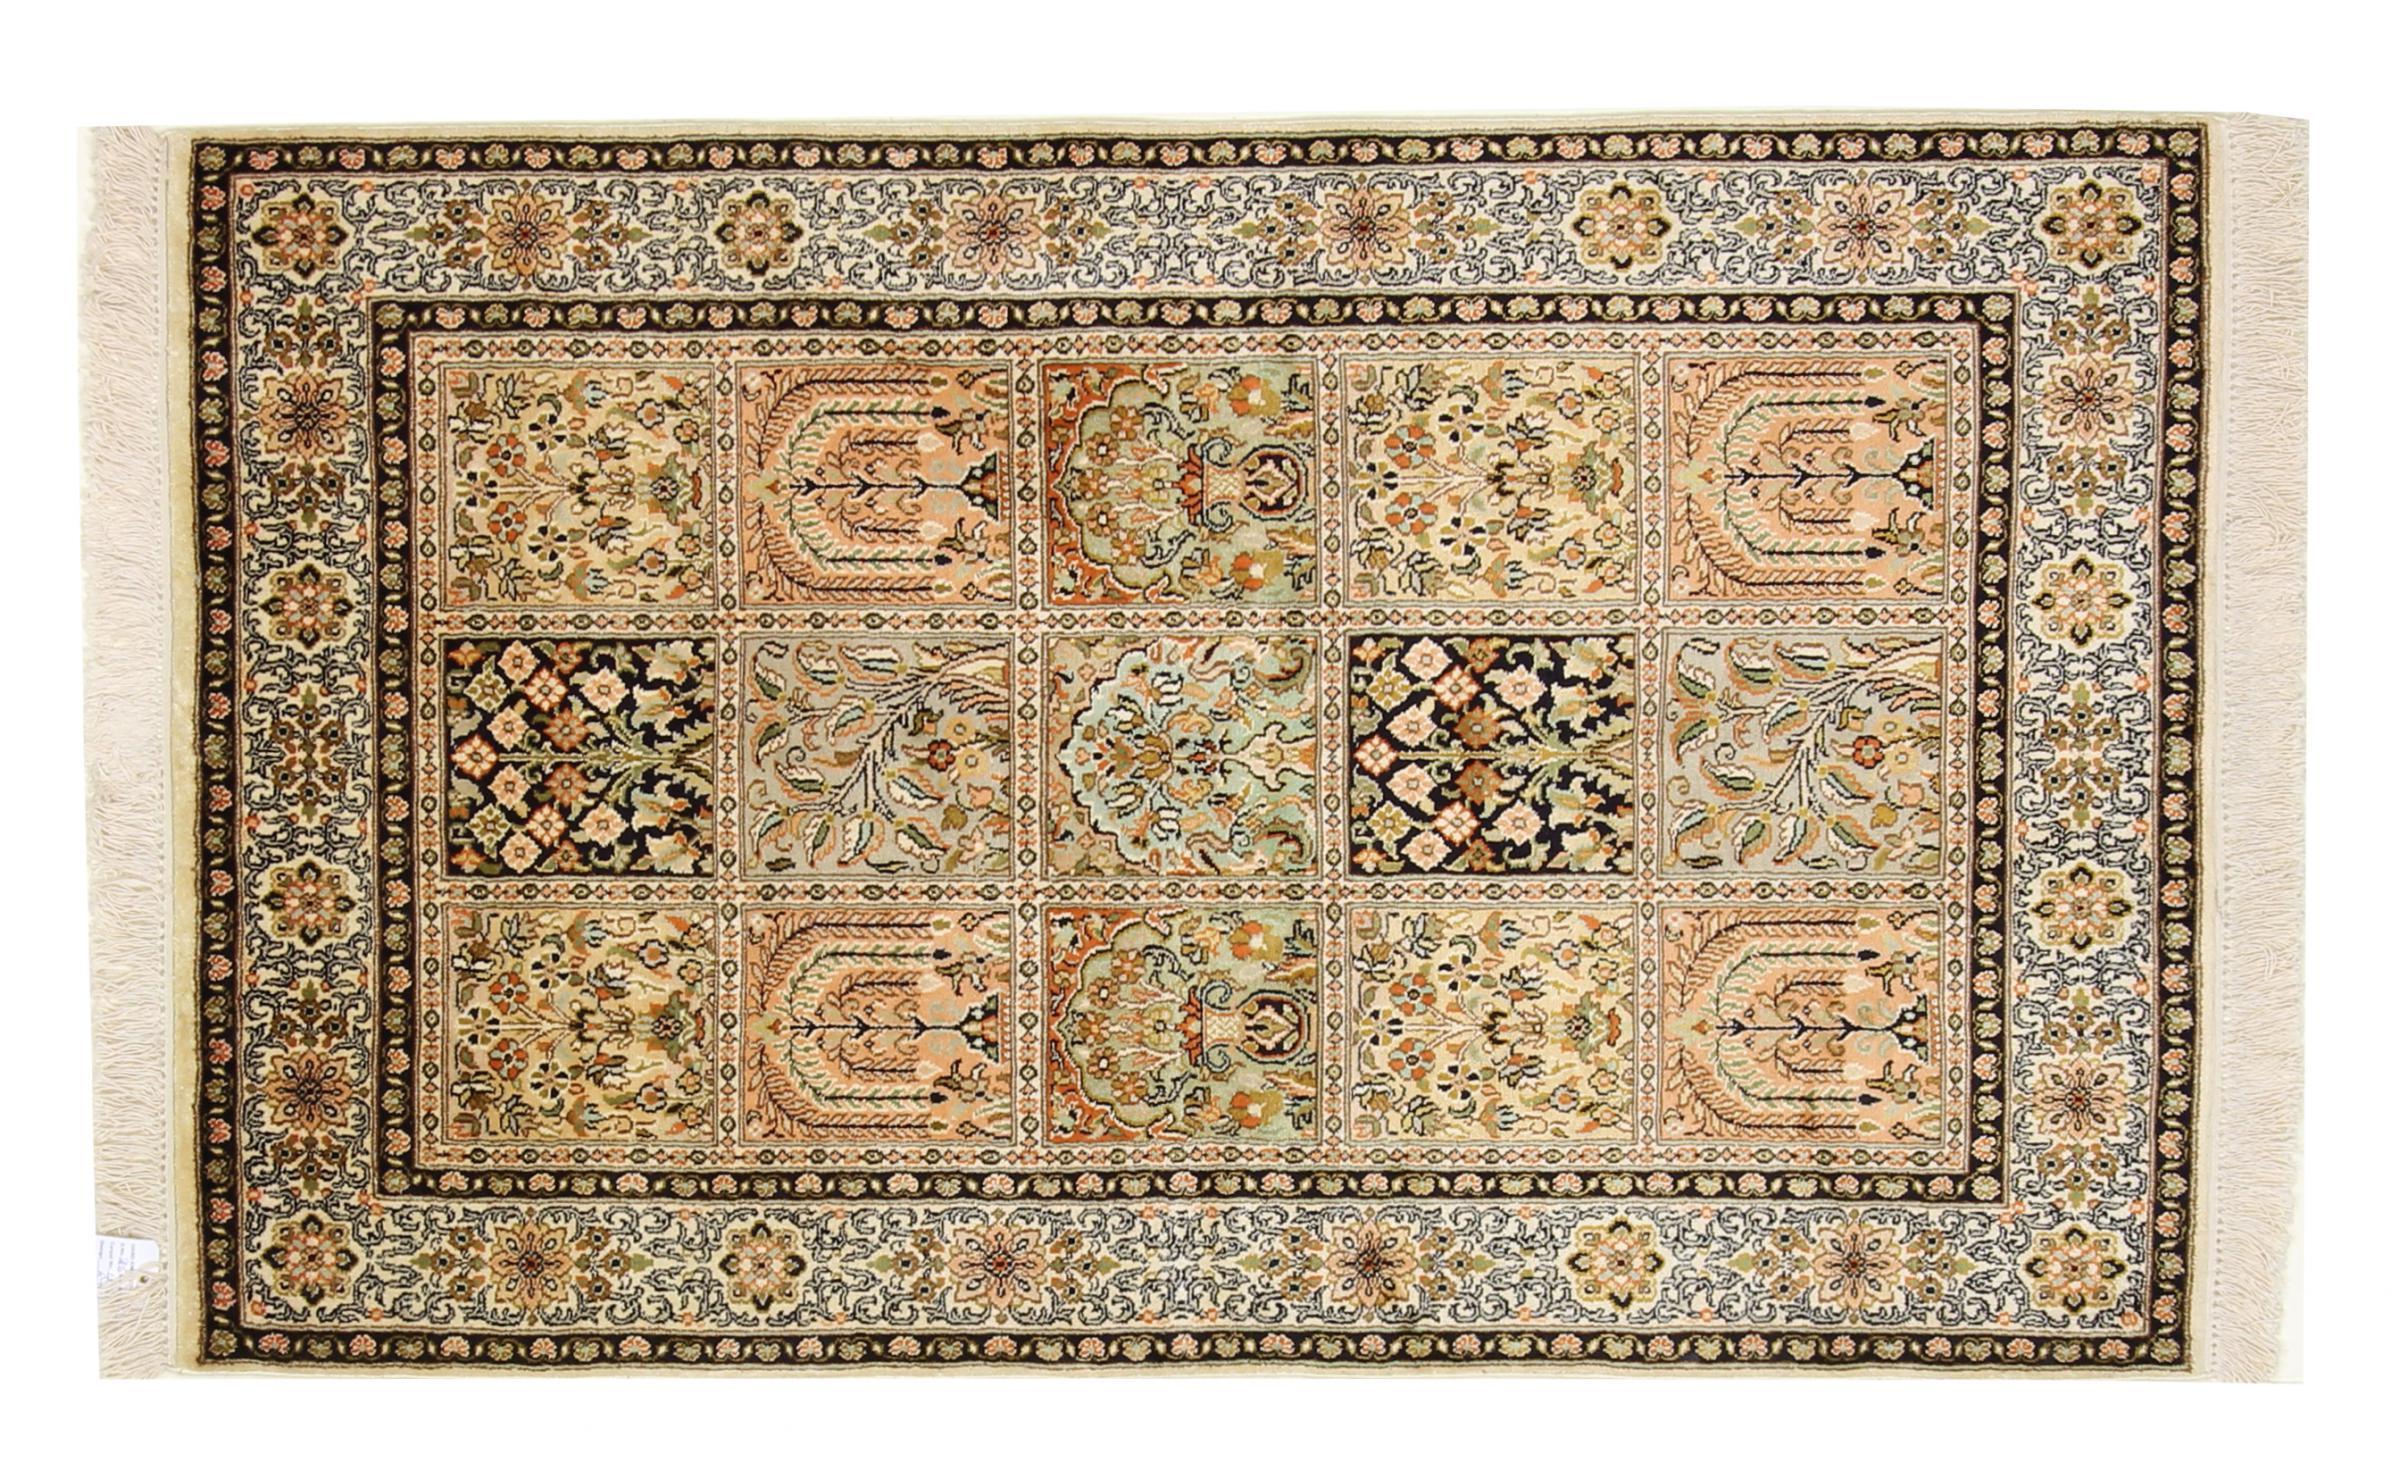 kaschmir reine seide indischer teppich 152x94 id33750. Black Bedroom Furniture Sets. Home Design Ideas